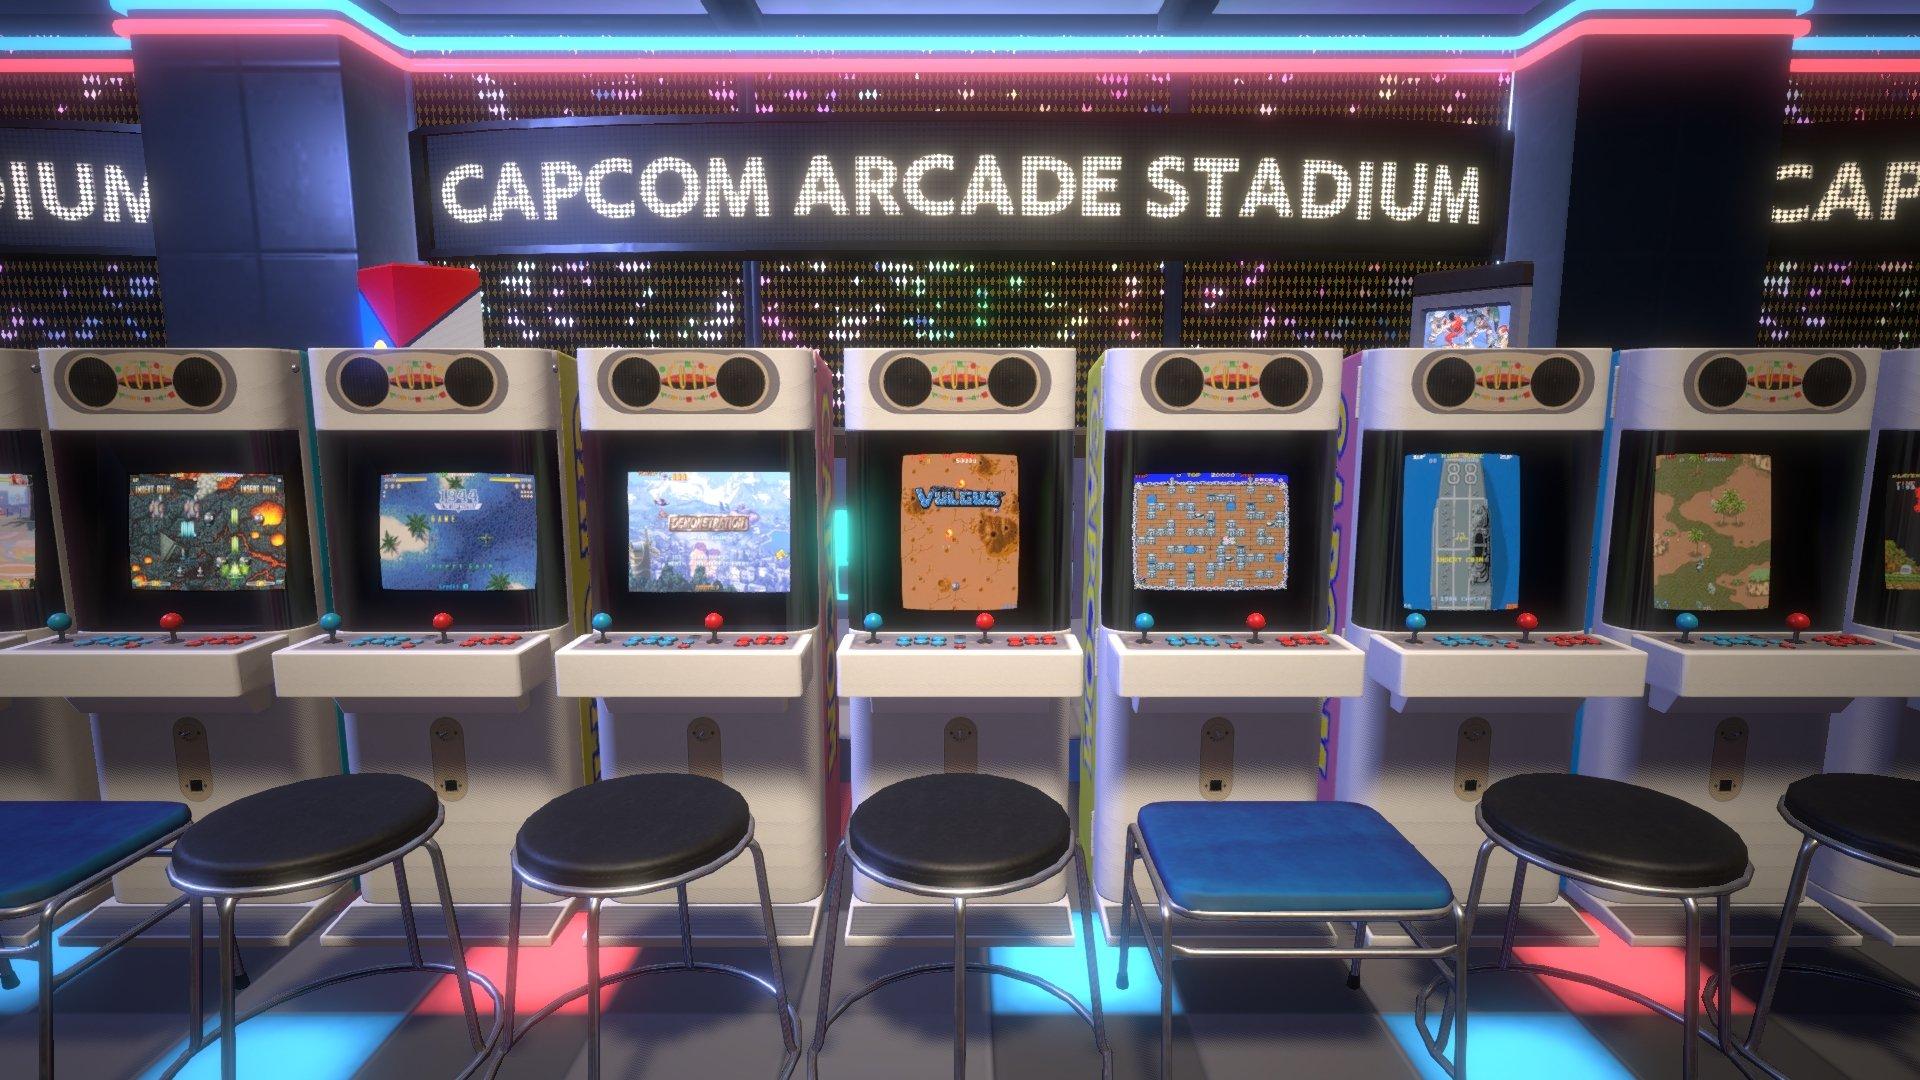 Capcom-Arcade-Stadium_2021_02-17-21_002